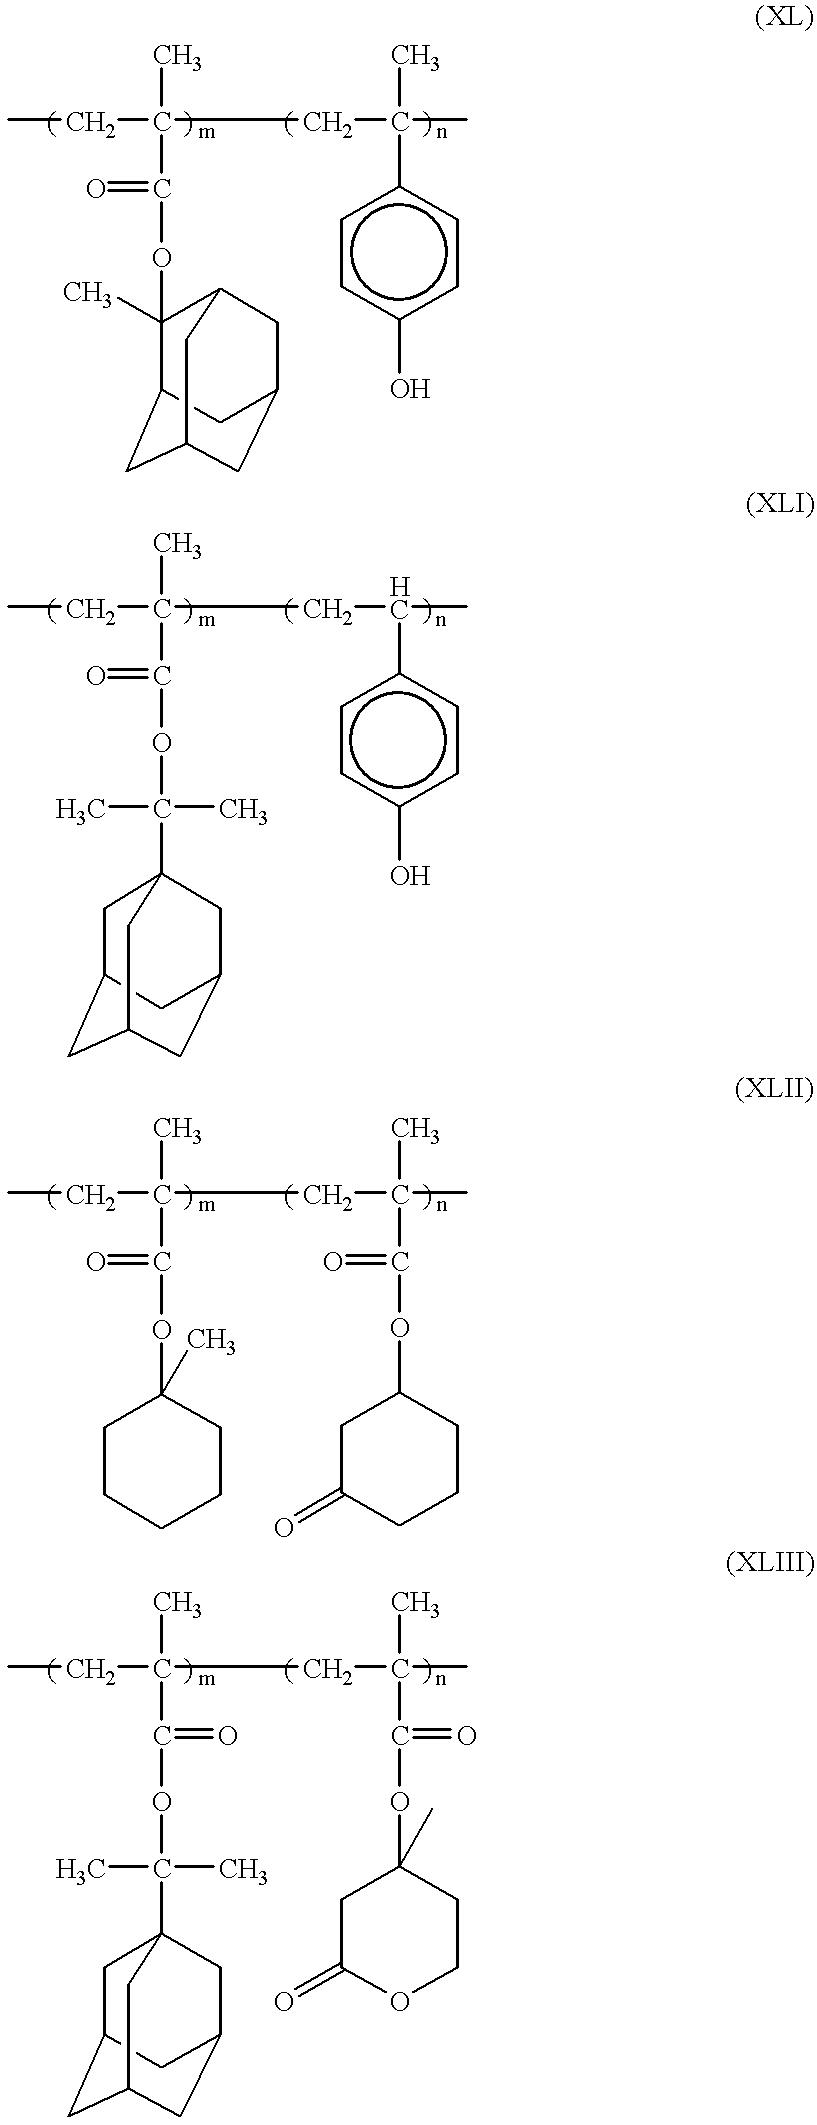 Figure US06329125-20011211-C00039